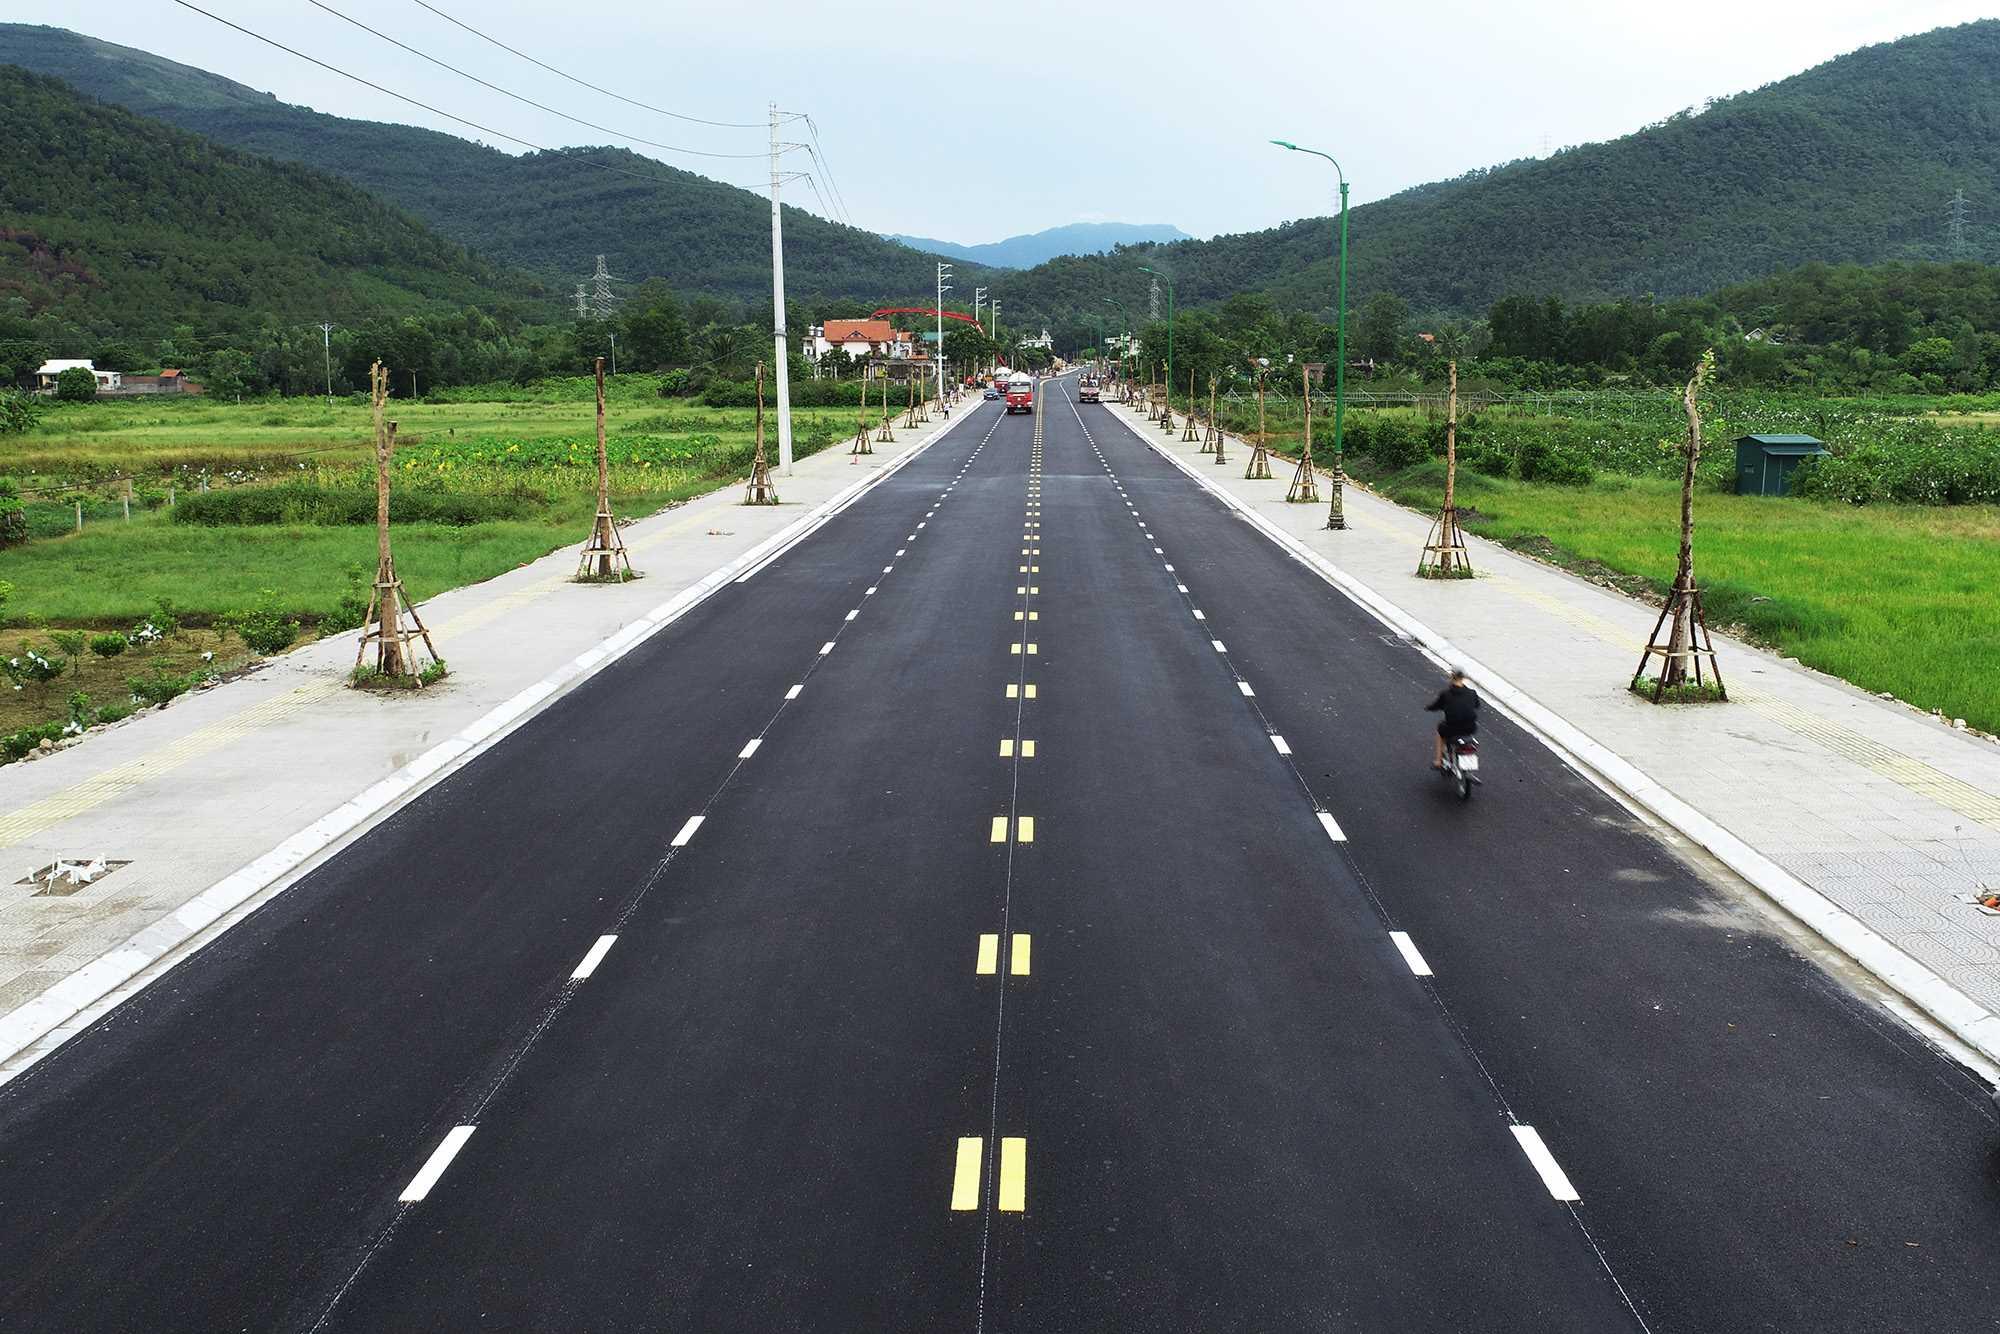 Tuyến đường vào Khu di tích Quốc gia đặc biệt Yên Tử.